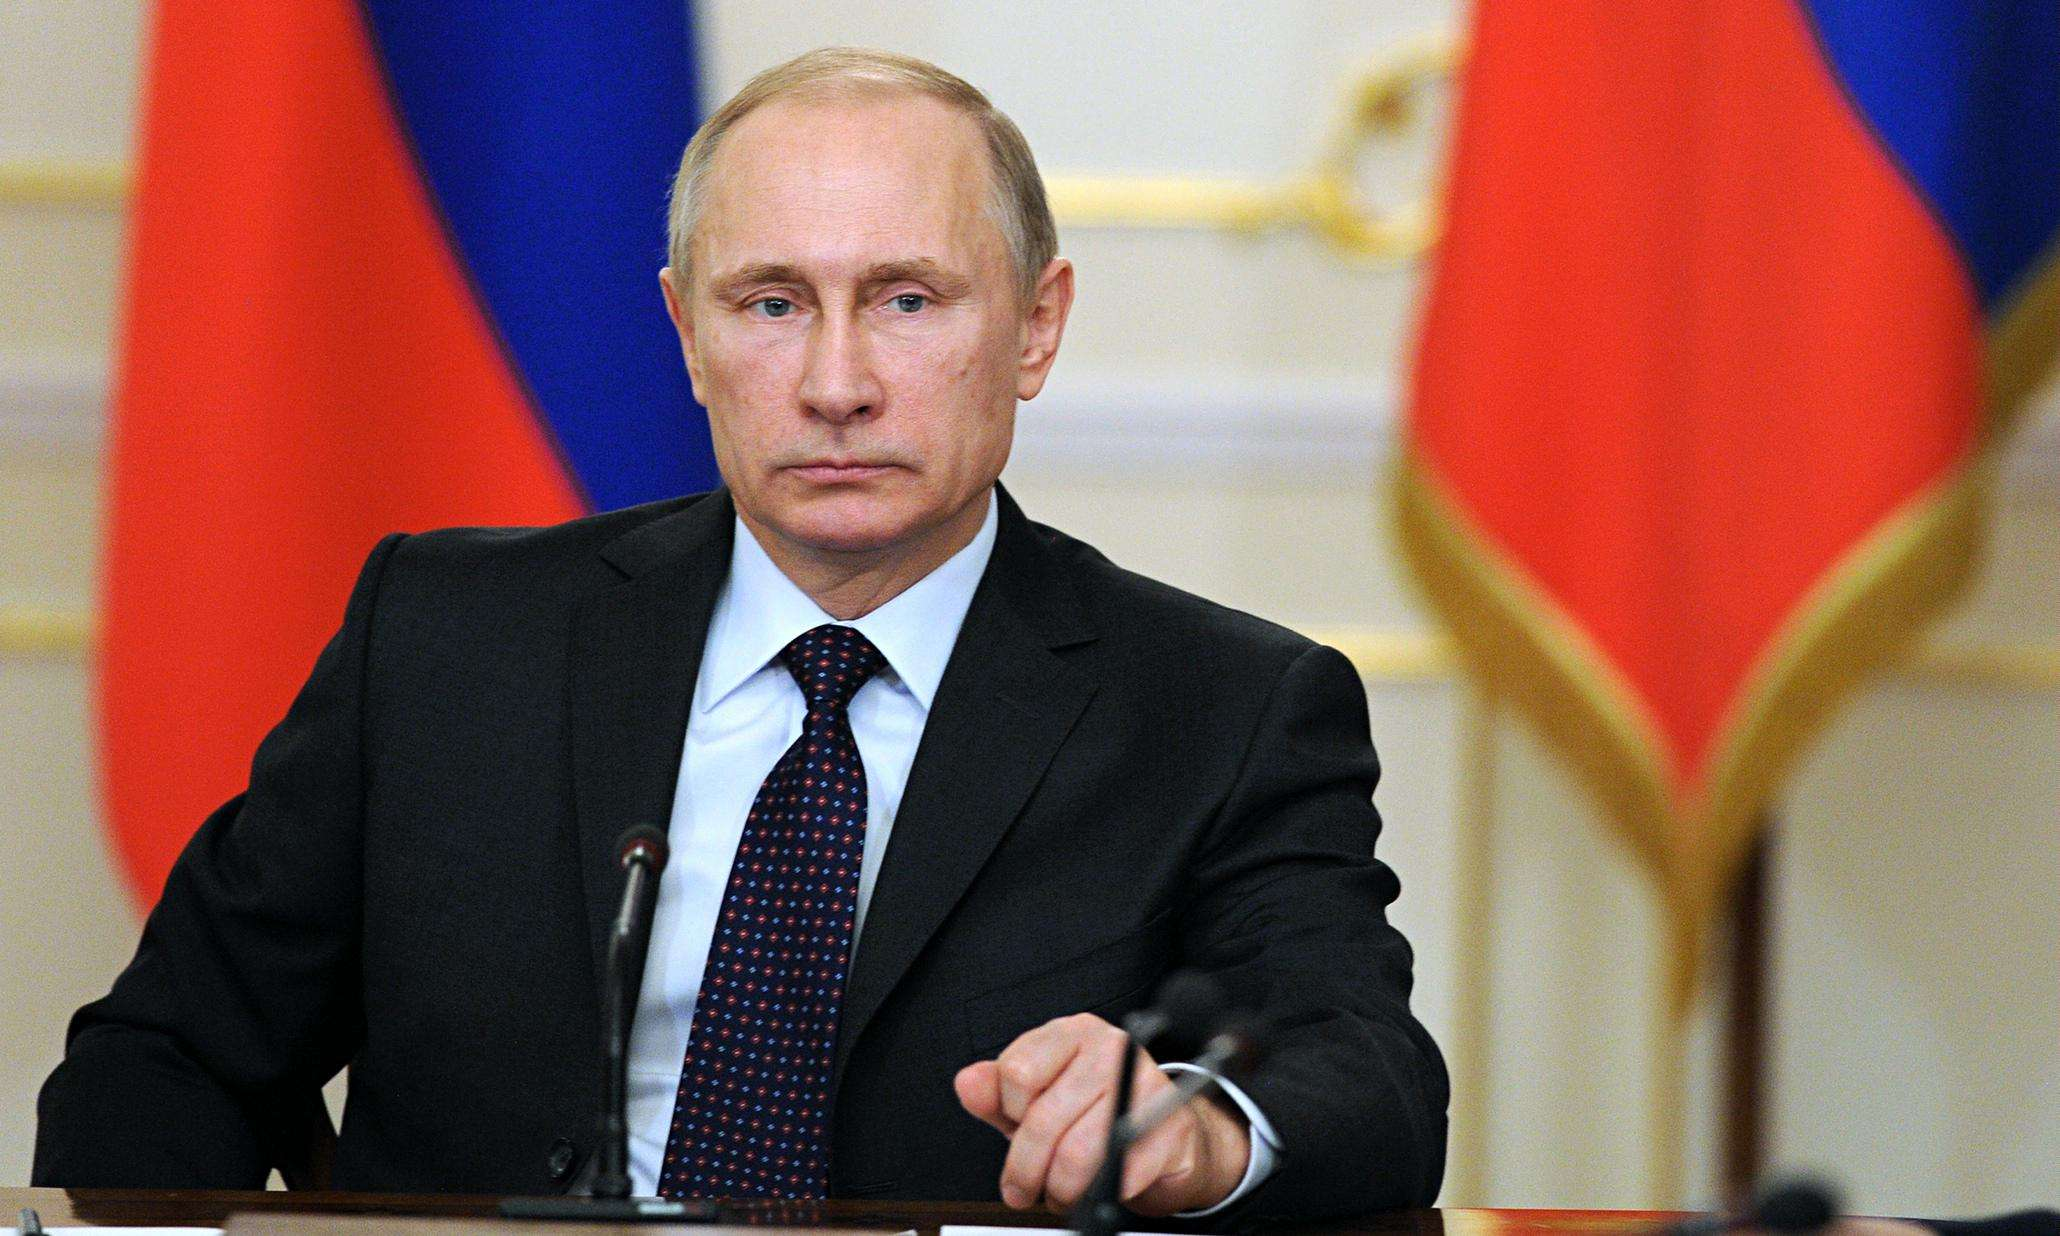 نظرسنجی روس ها برای باقی ماندن پوتین در قدرت تا سال ۲۰۳۶            1